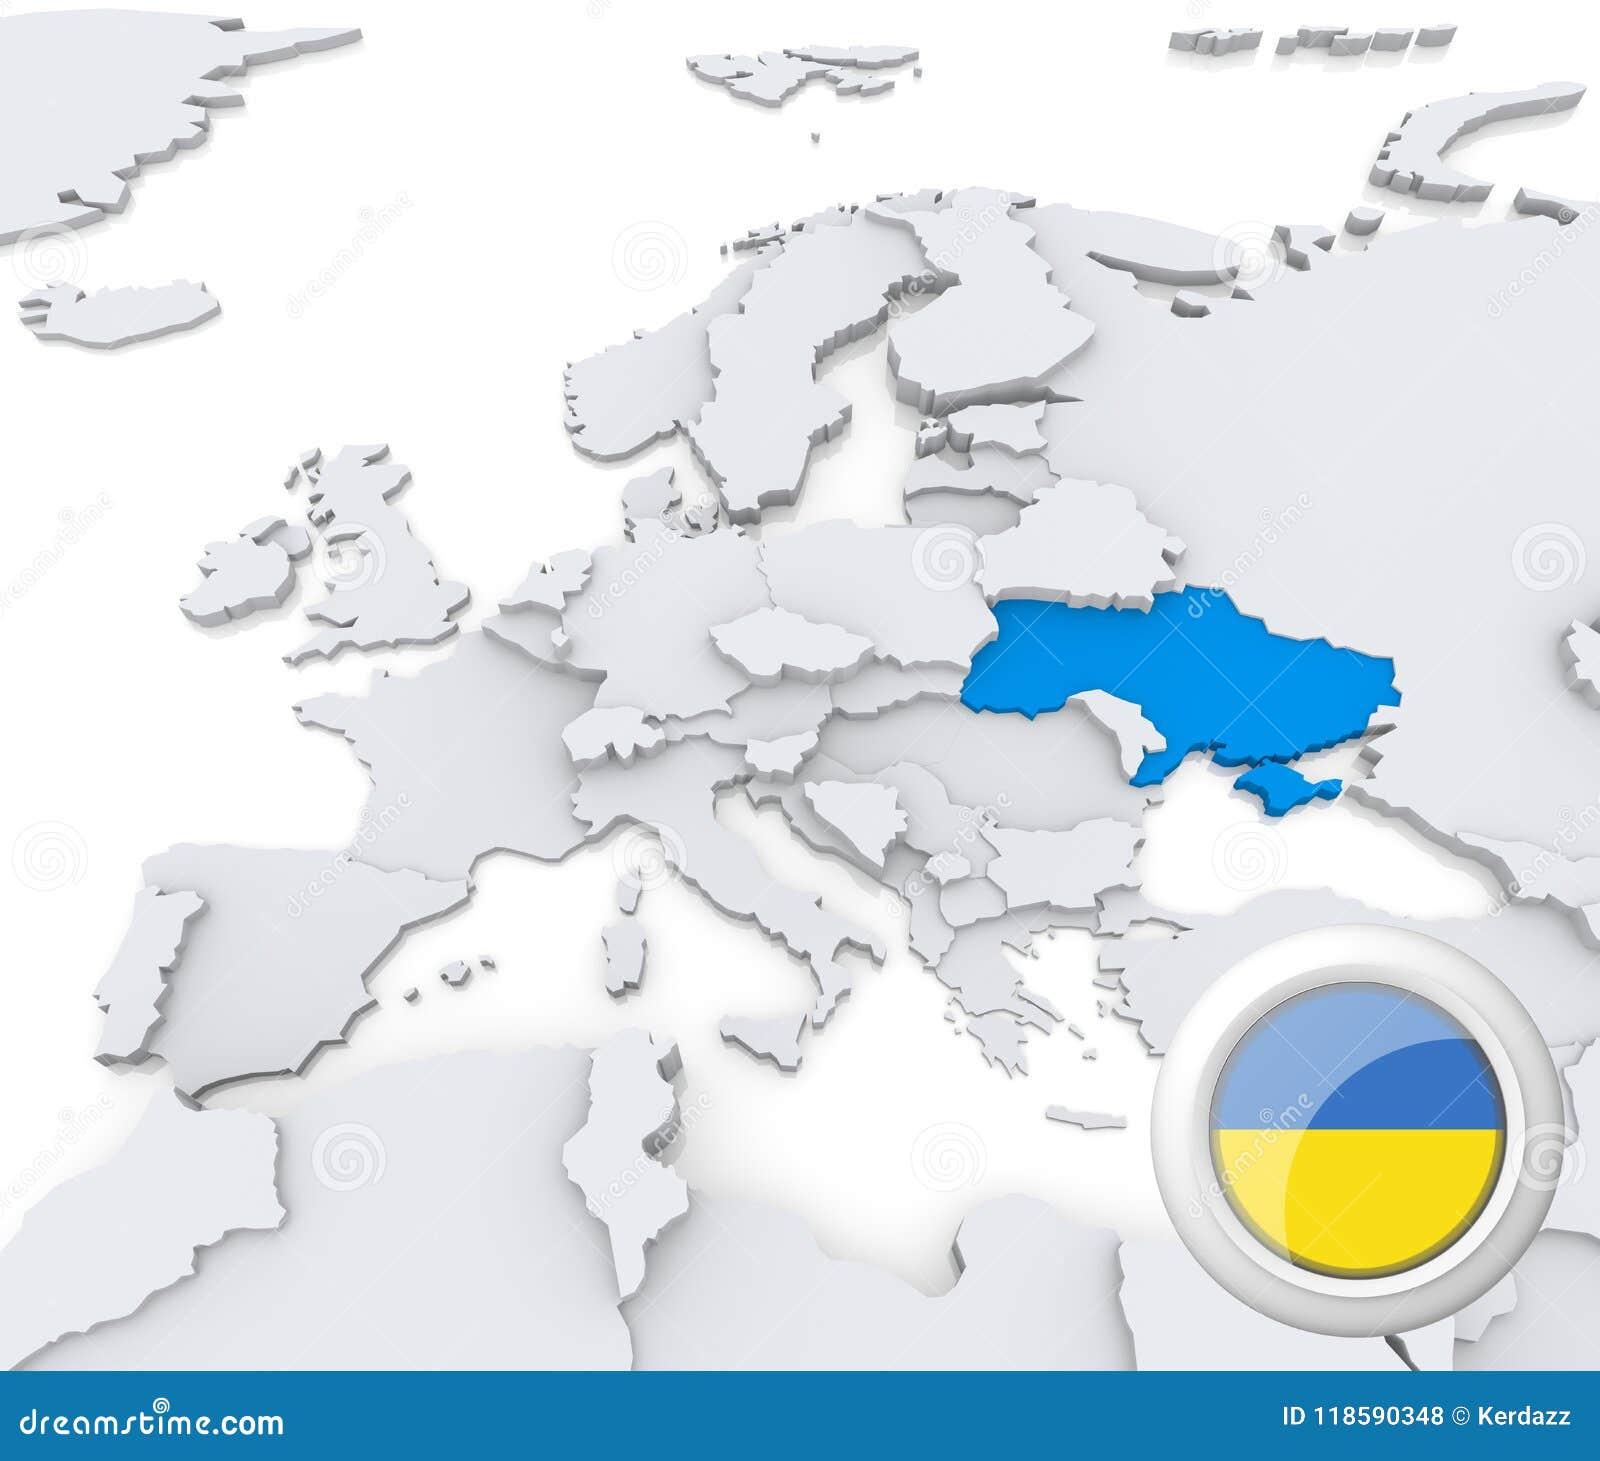 Ukraine On Map Of Europe.Ukraine On Map Of Europe Stock Illustration Illustration Of Button